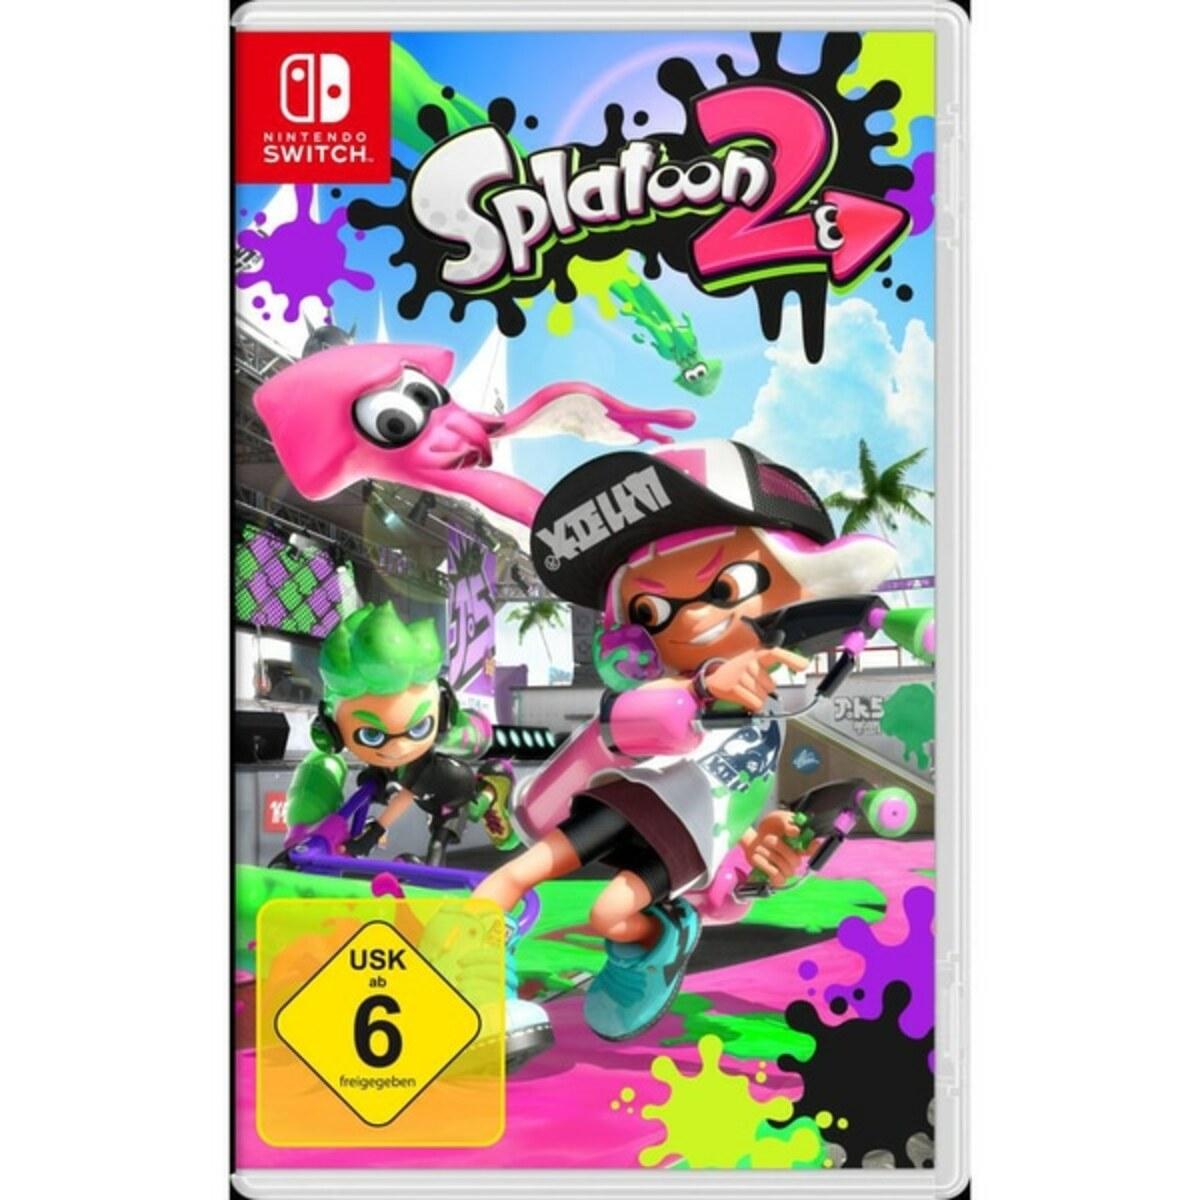 Bild 1 von Nintendo - Switch: Splatoon 2